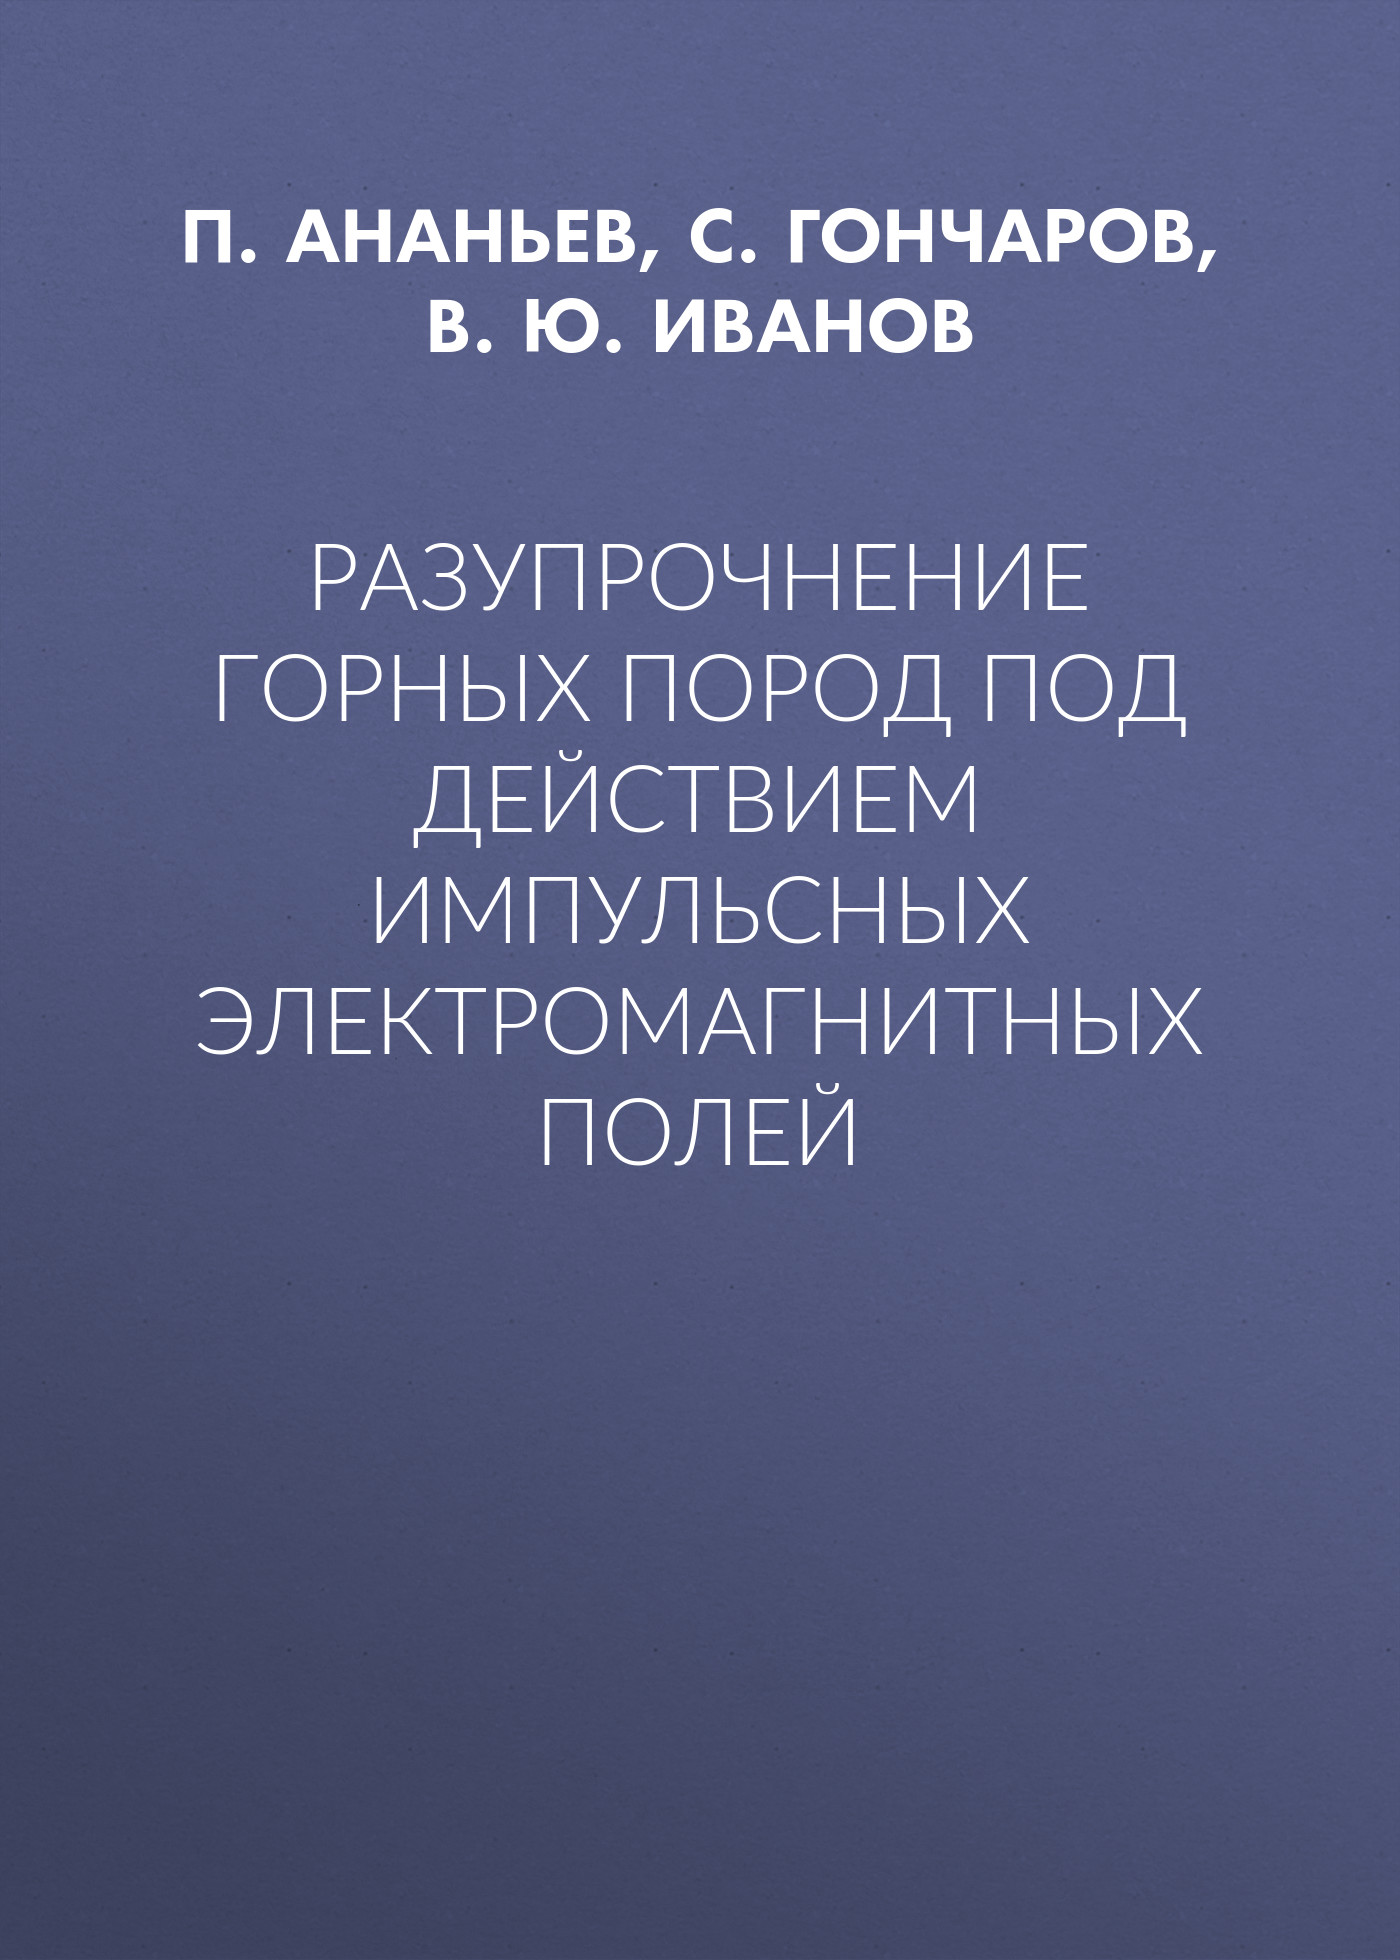 В. Ю. Иванов Разупрочнение горных пород под действием импульсных электромагнитных полей а п дмитриев разрушение горных пород